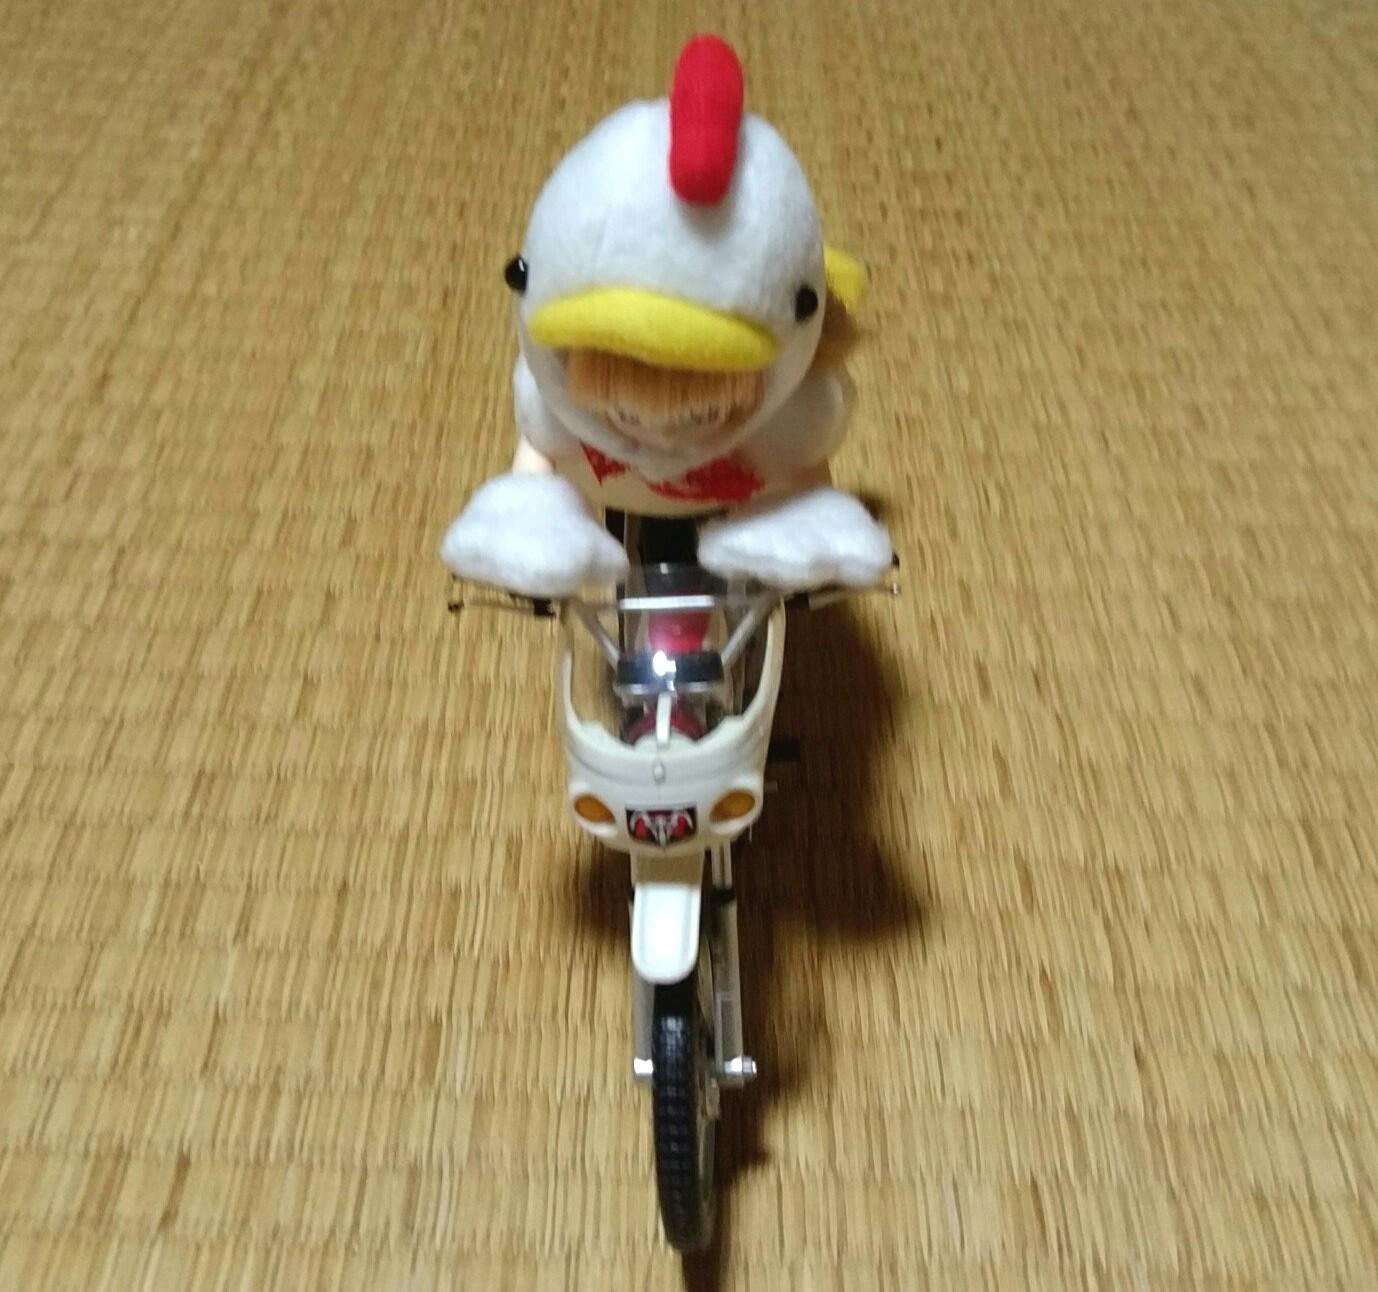 ドール遊び,可愛いにわとり,キューポッシュ,バイクで走る,プラモデル